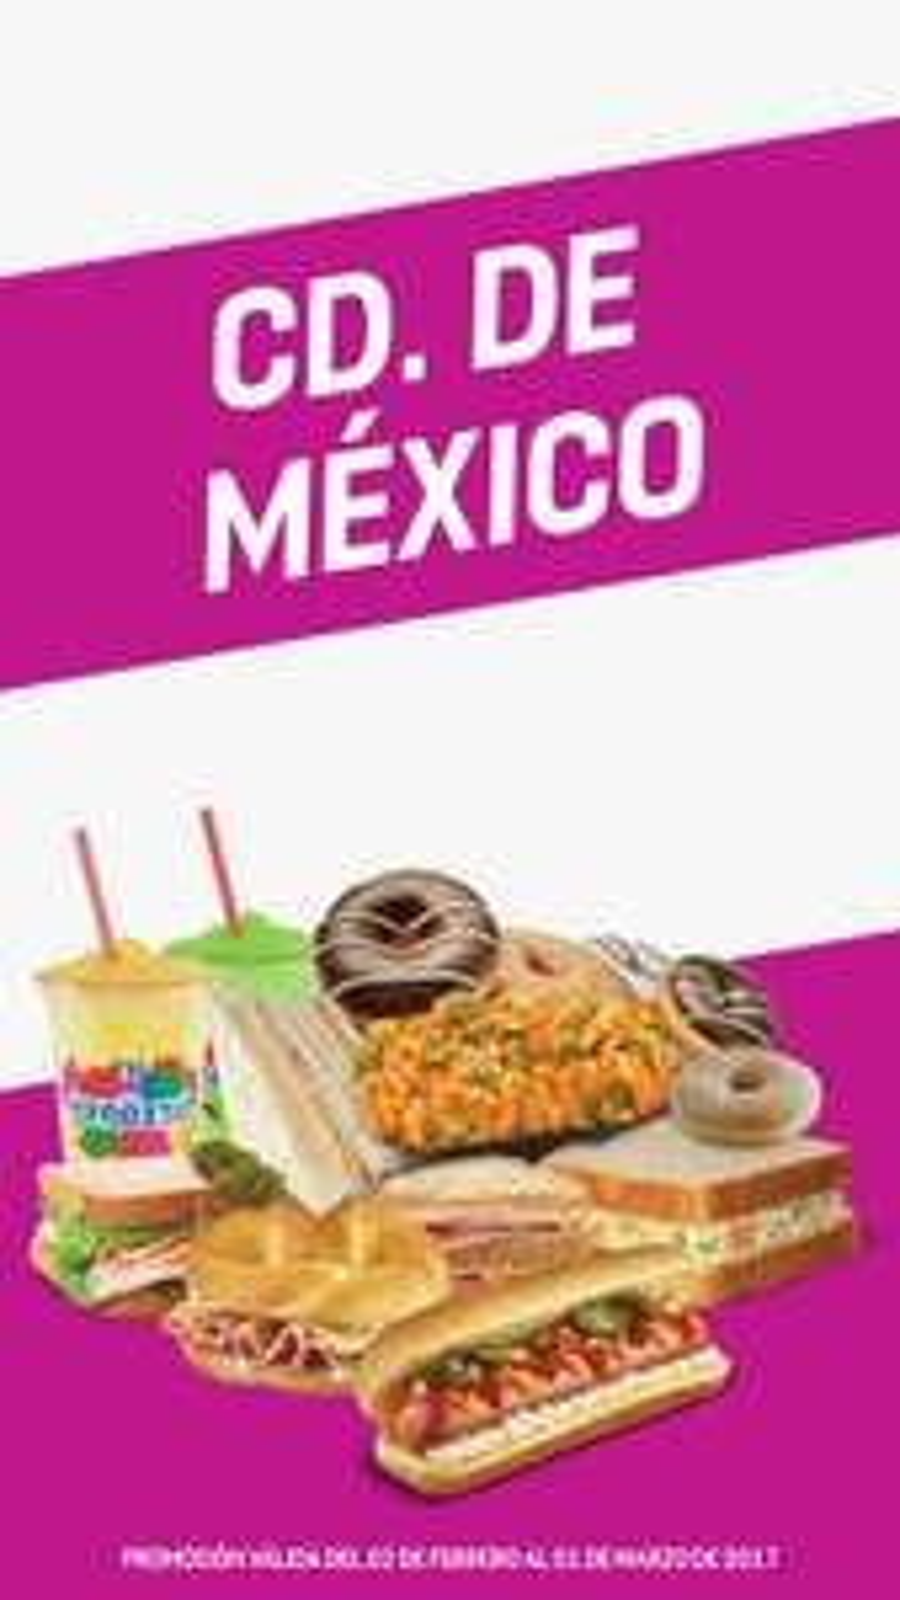 7 Eleven: Para la Sed, Antojo y Hogar del 02 de Febrero al 01 de Marzo 2017 en CDMX